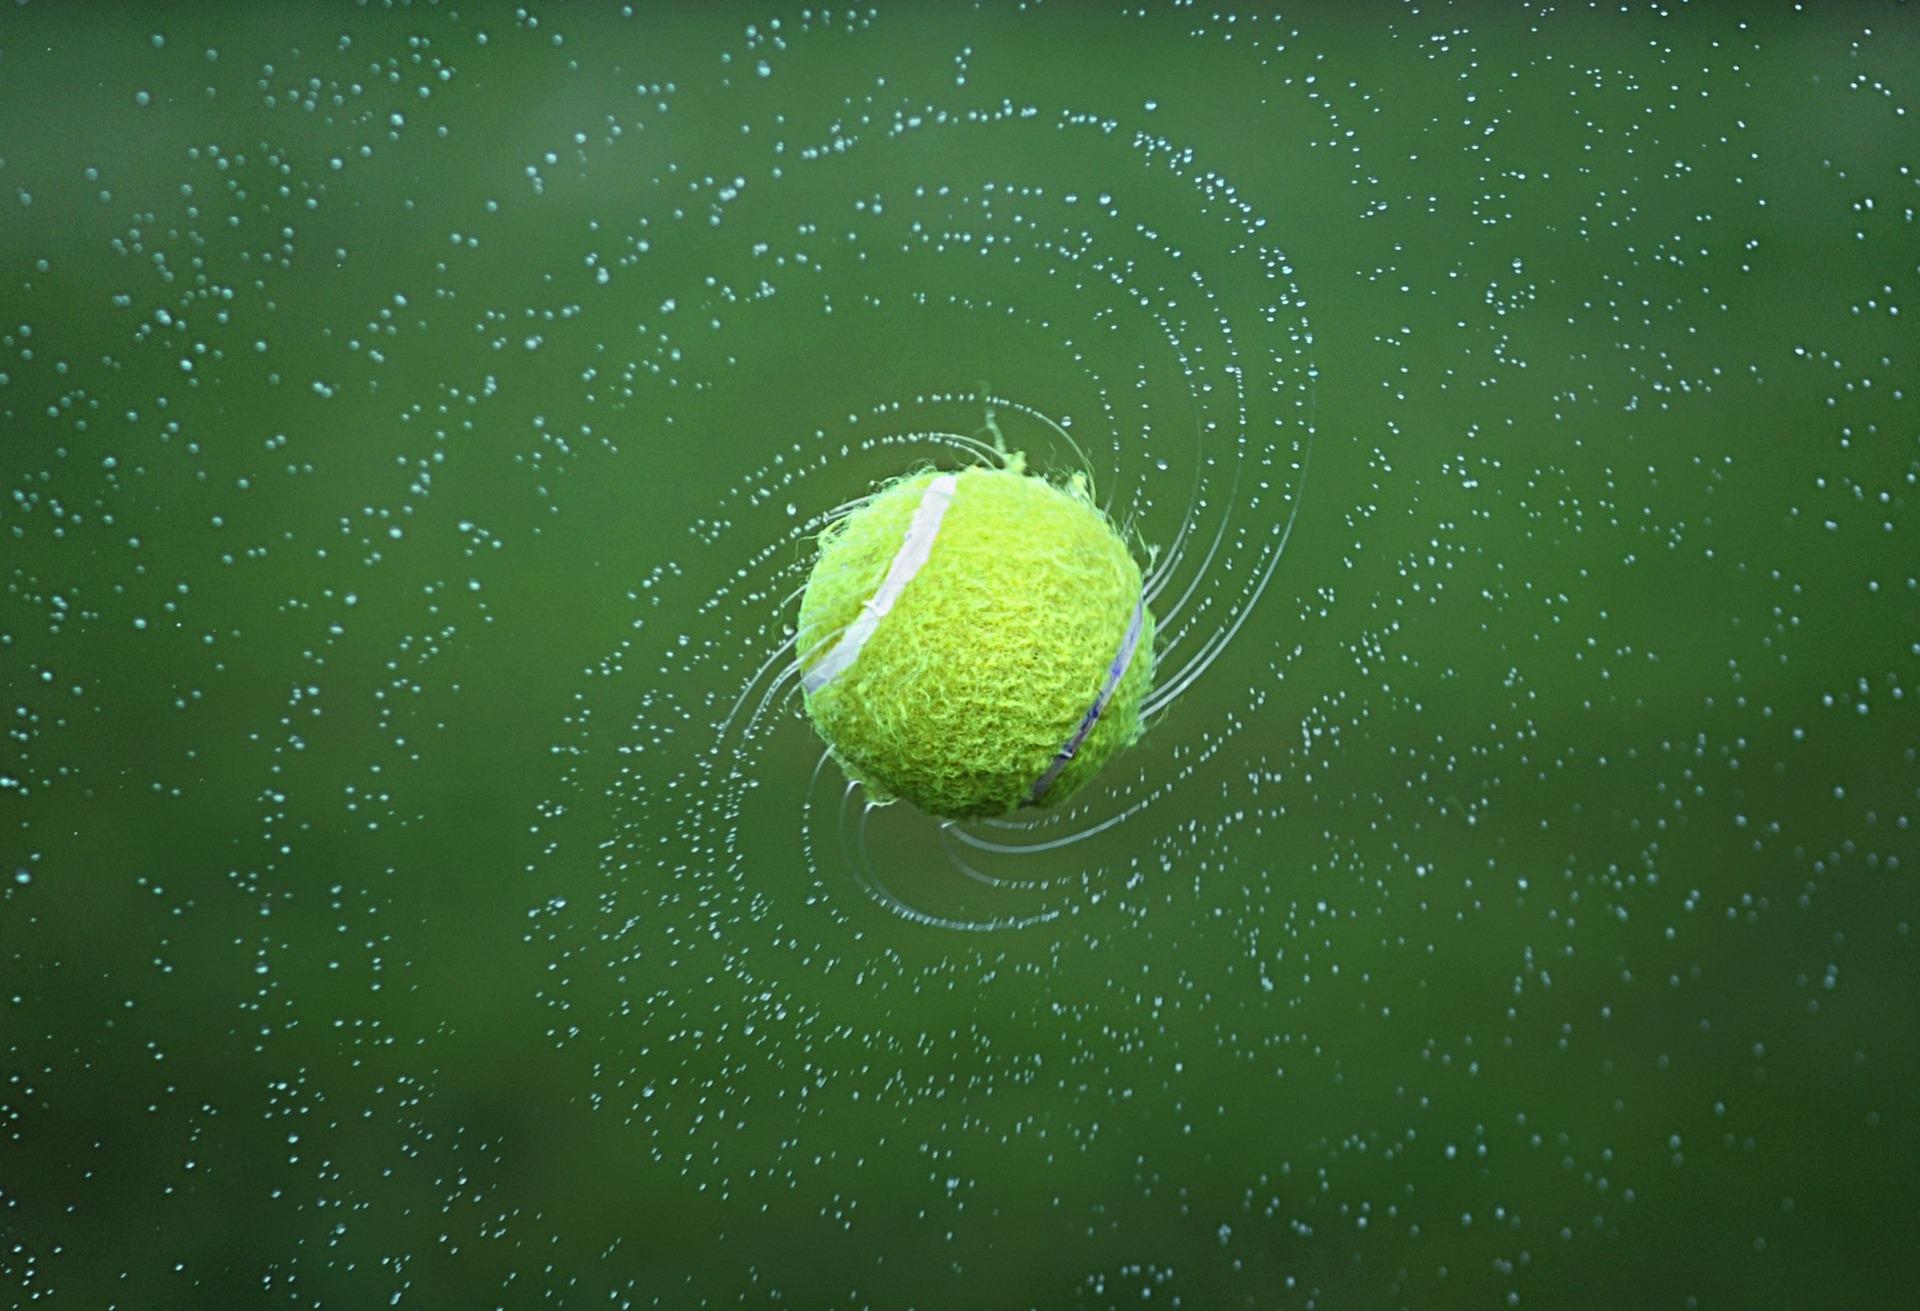 palla da tennis, palla, Campo da tennis, acqua, Giro, Verde - Sfondi per desktop - Professor-falken.com